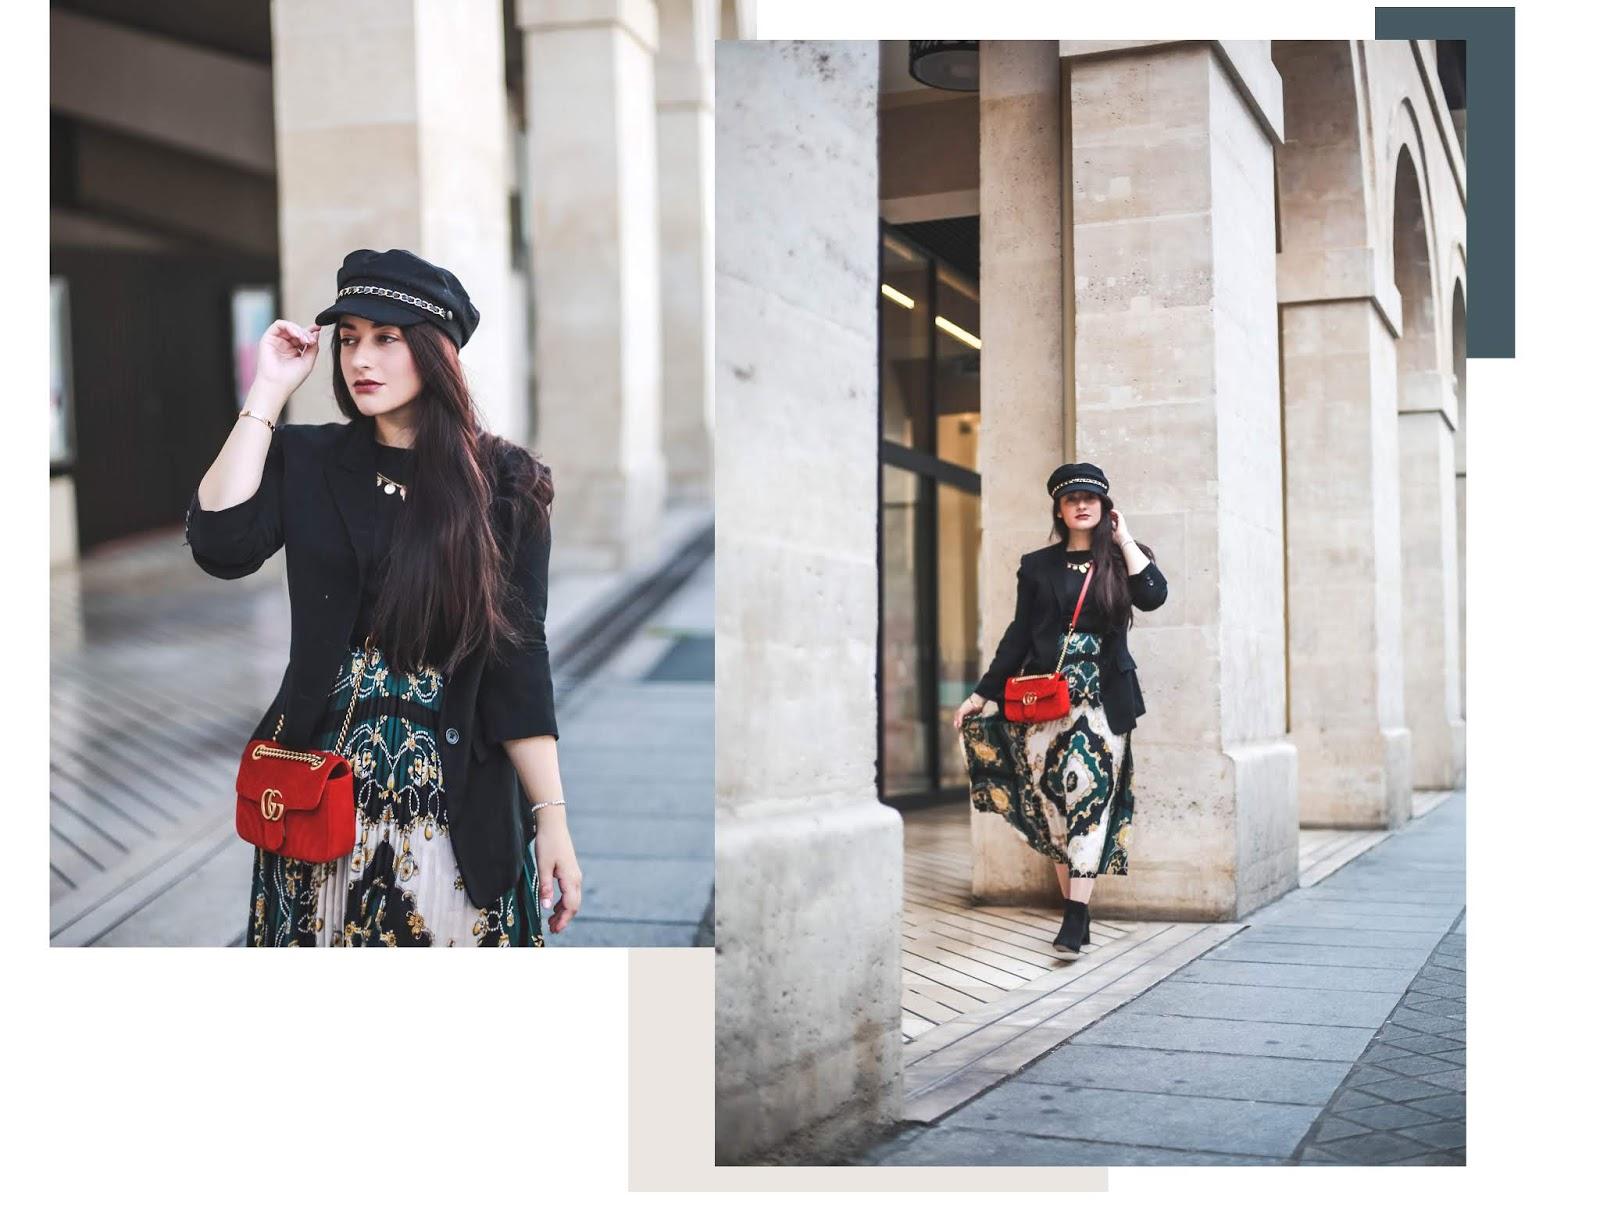 tendance motif foulard blog mode